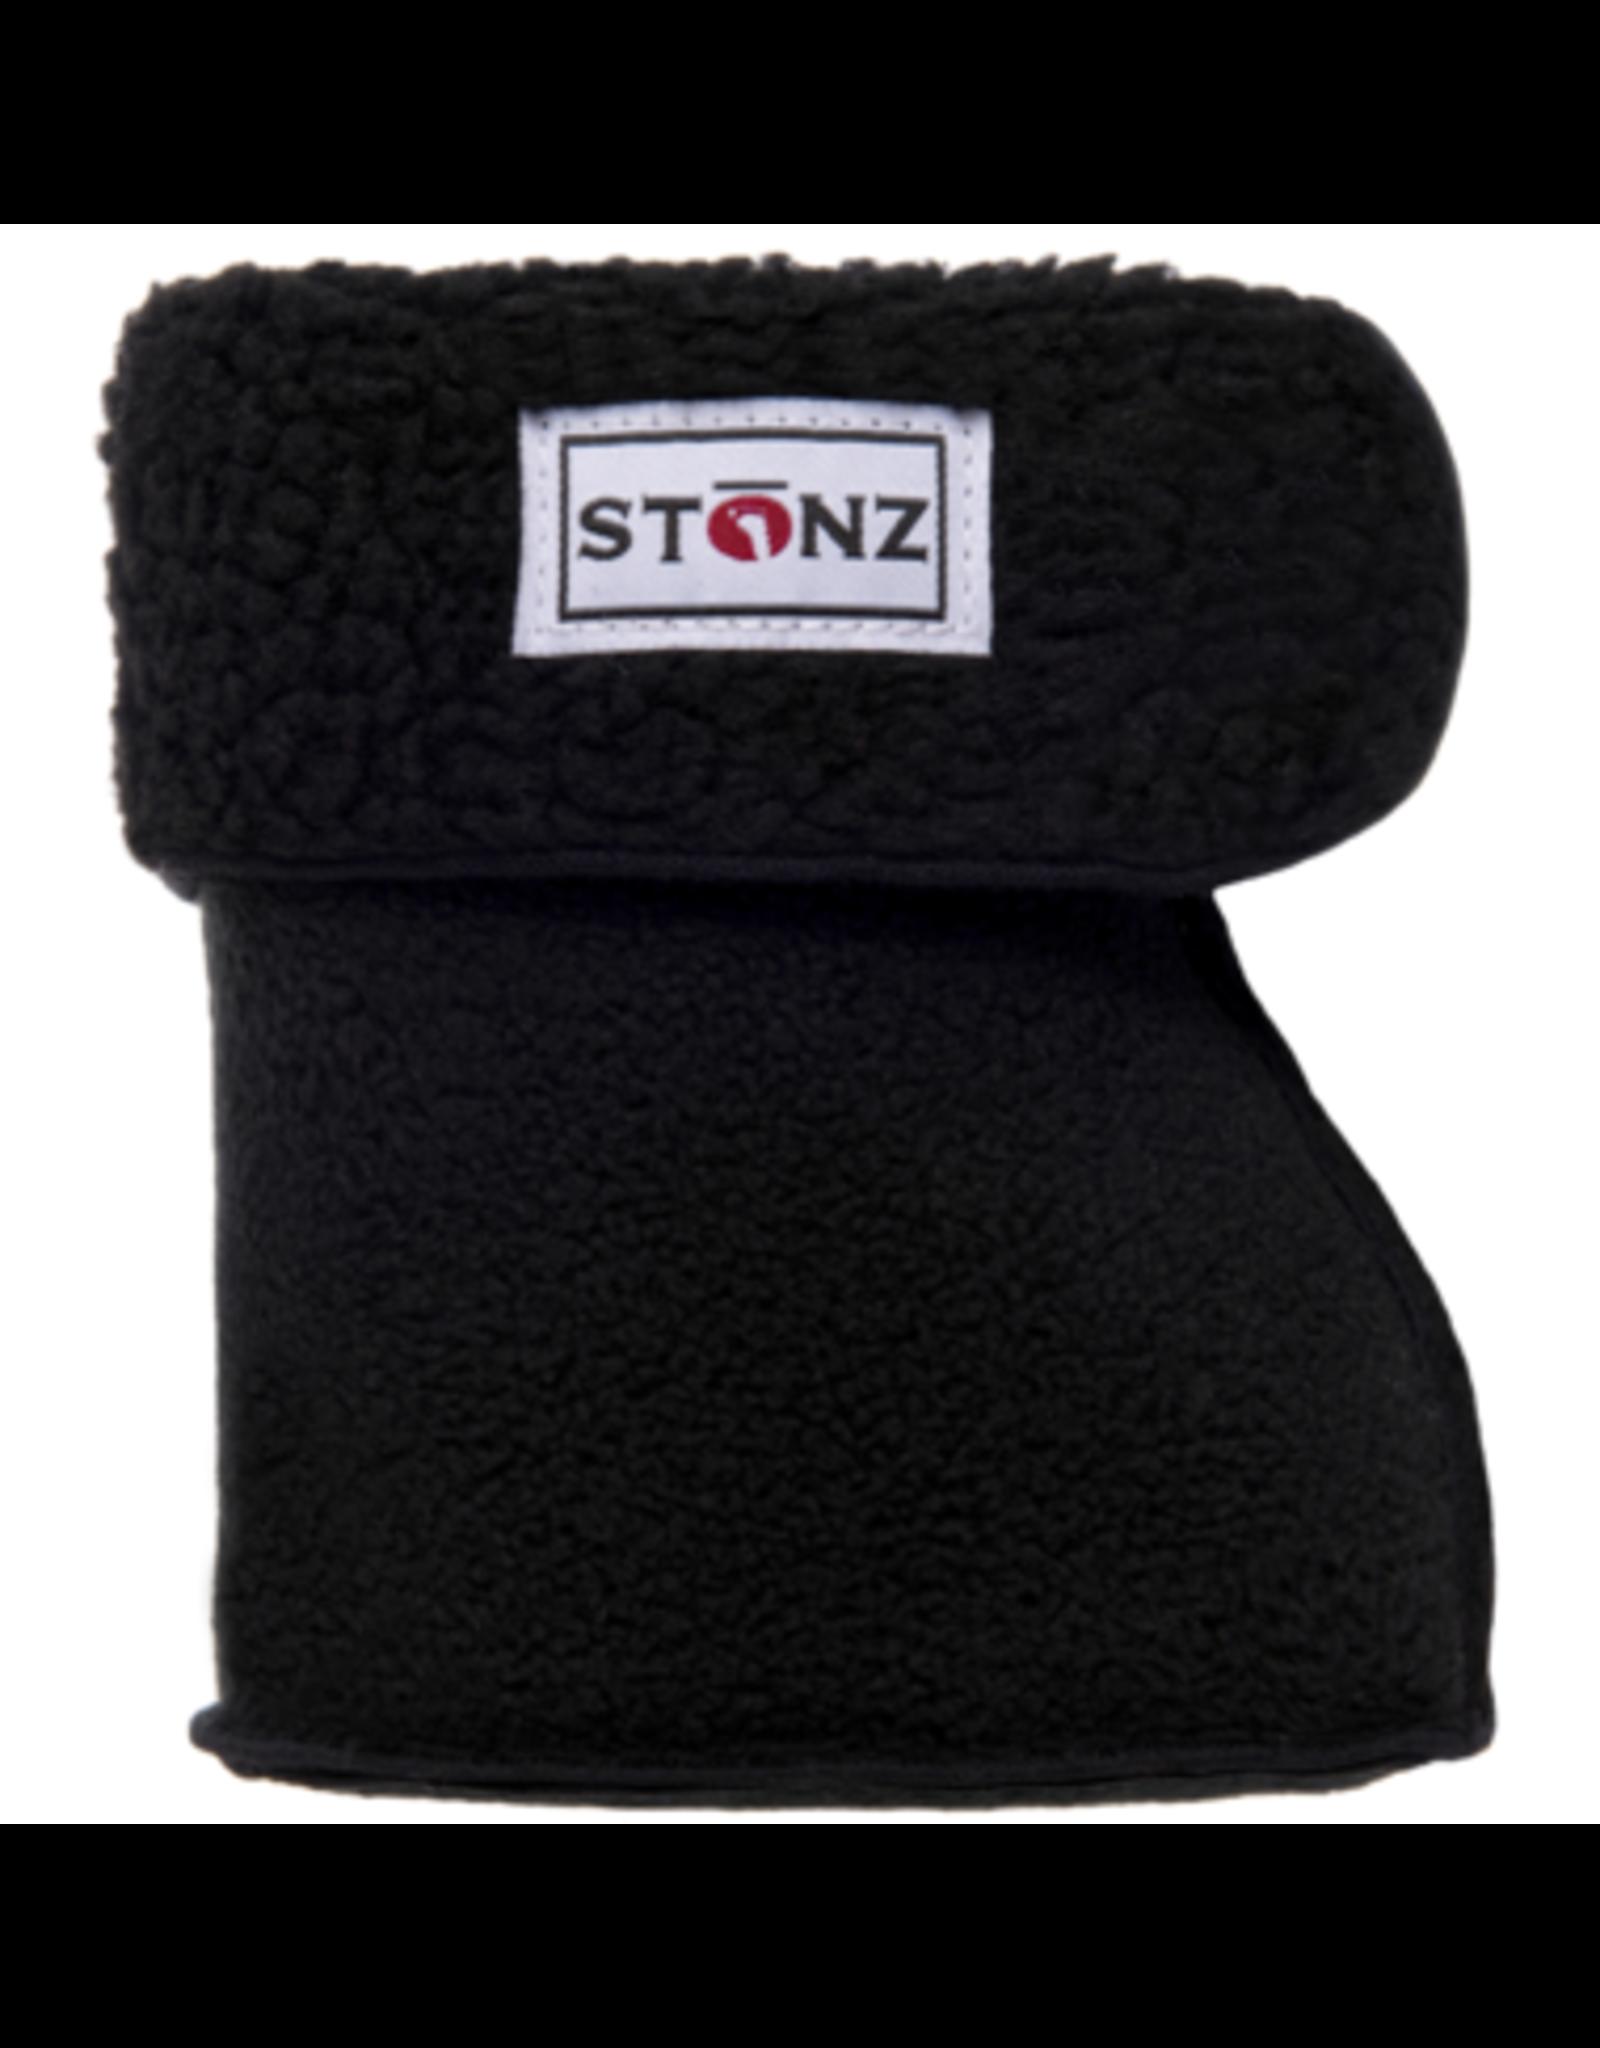 Stonz Stonz Bootie Linerz, Black Sherpa Bonded Fleece